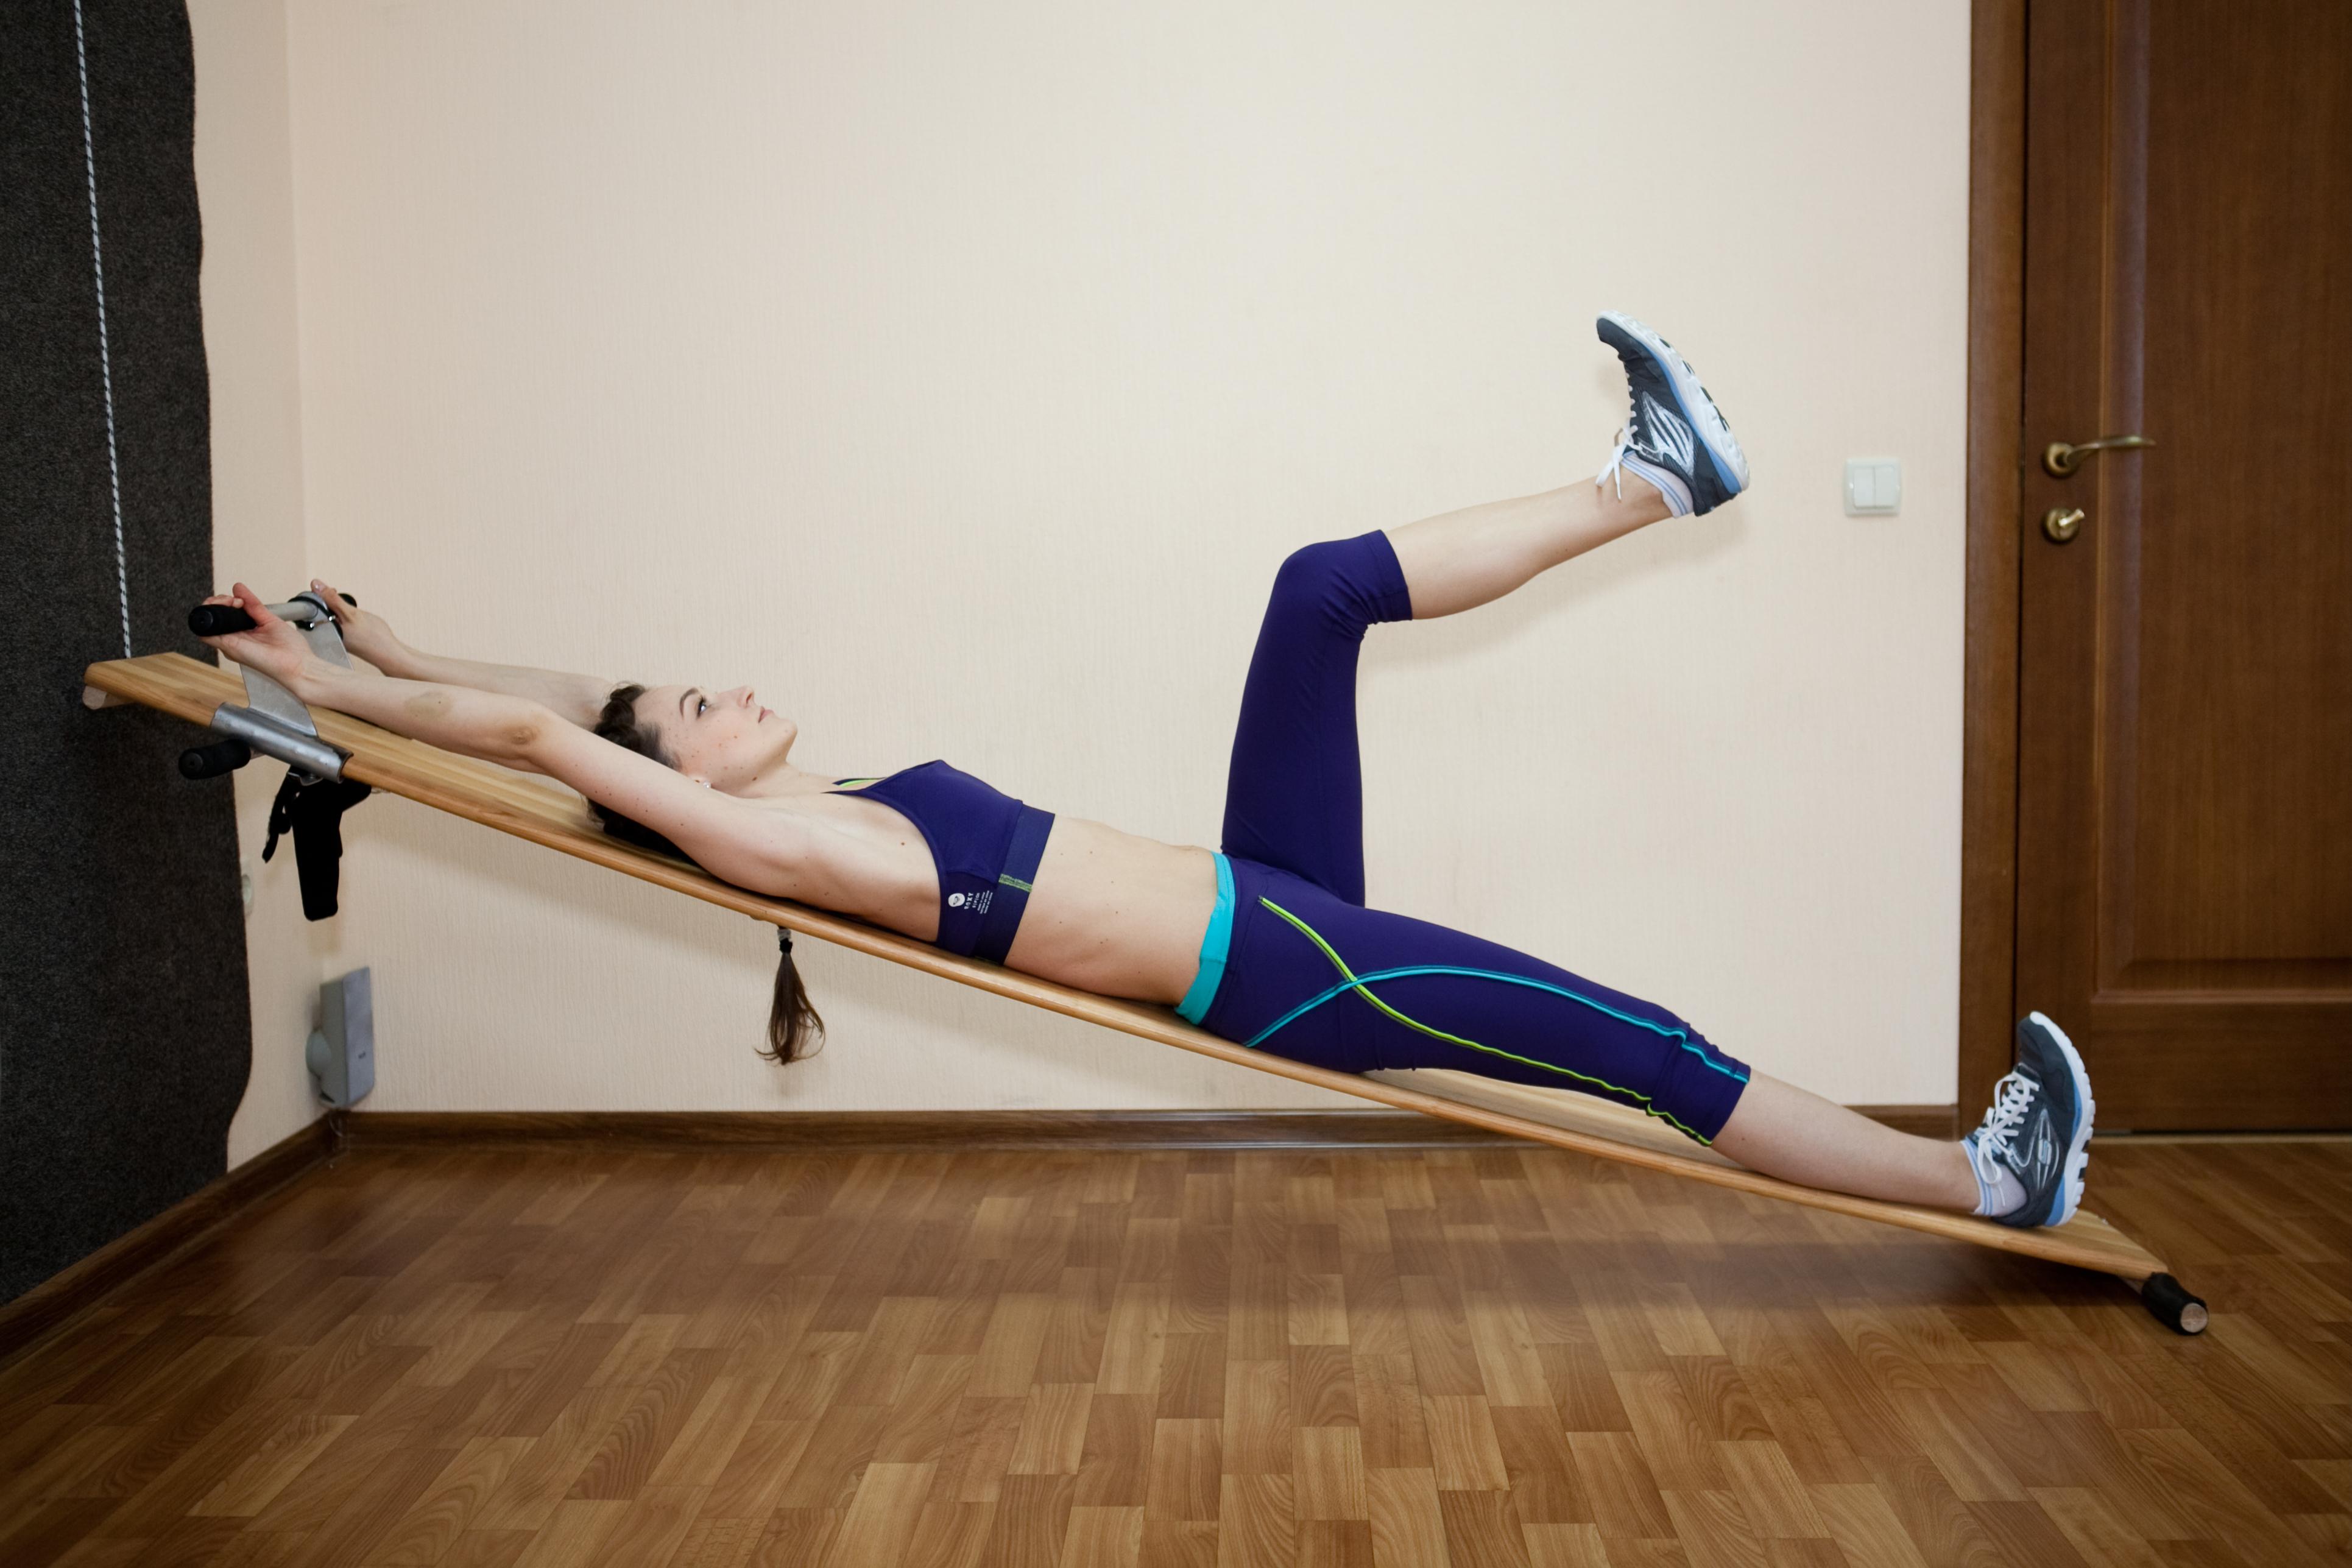 Доска евминова: комплекс упражнений для вытяжения позвоночника на наклонной доске